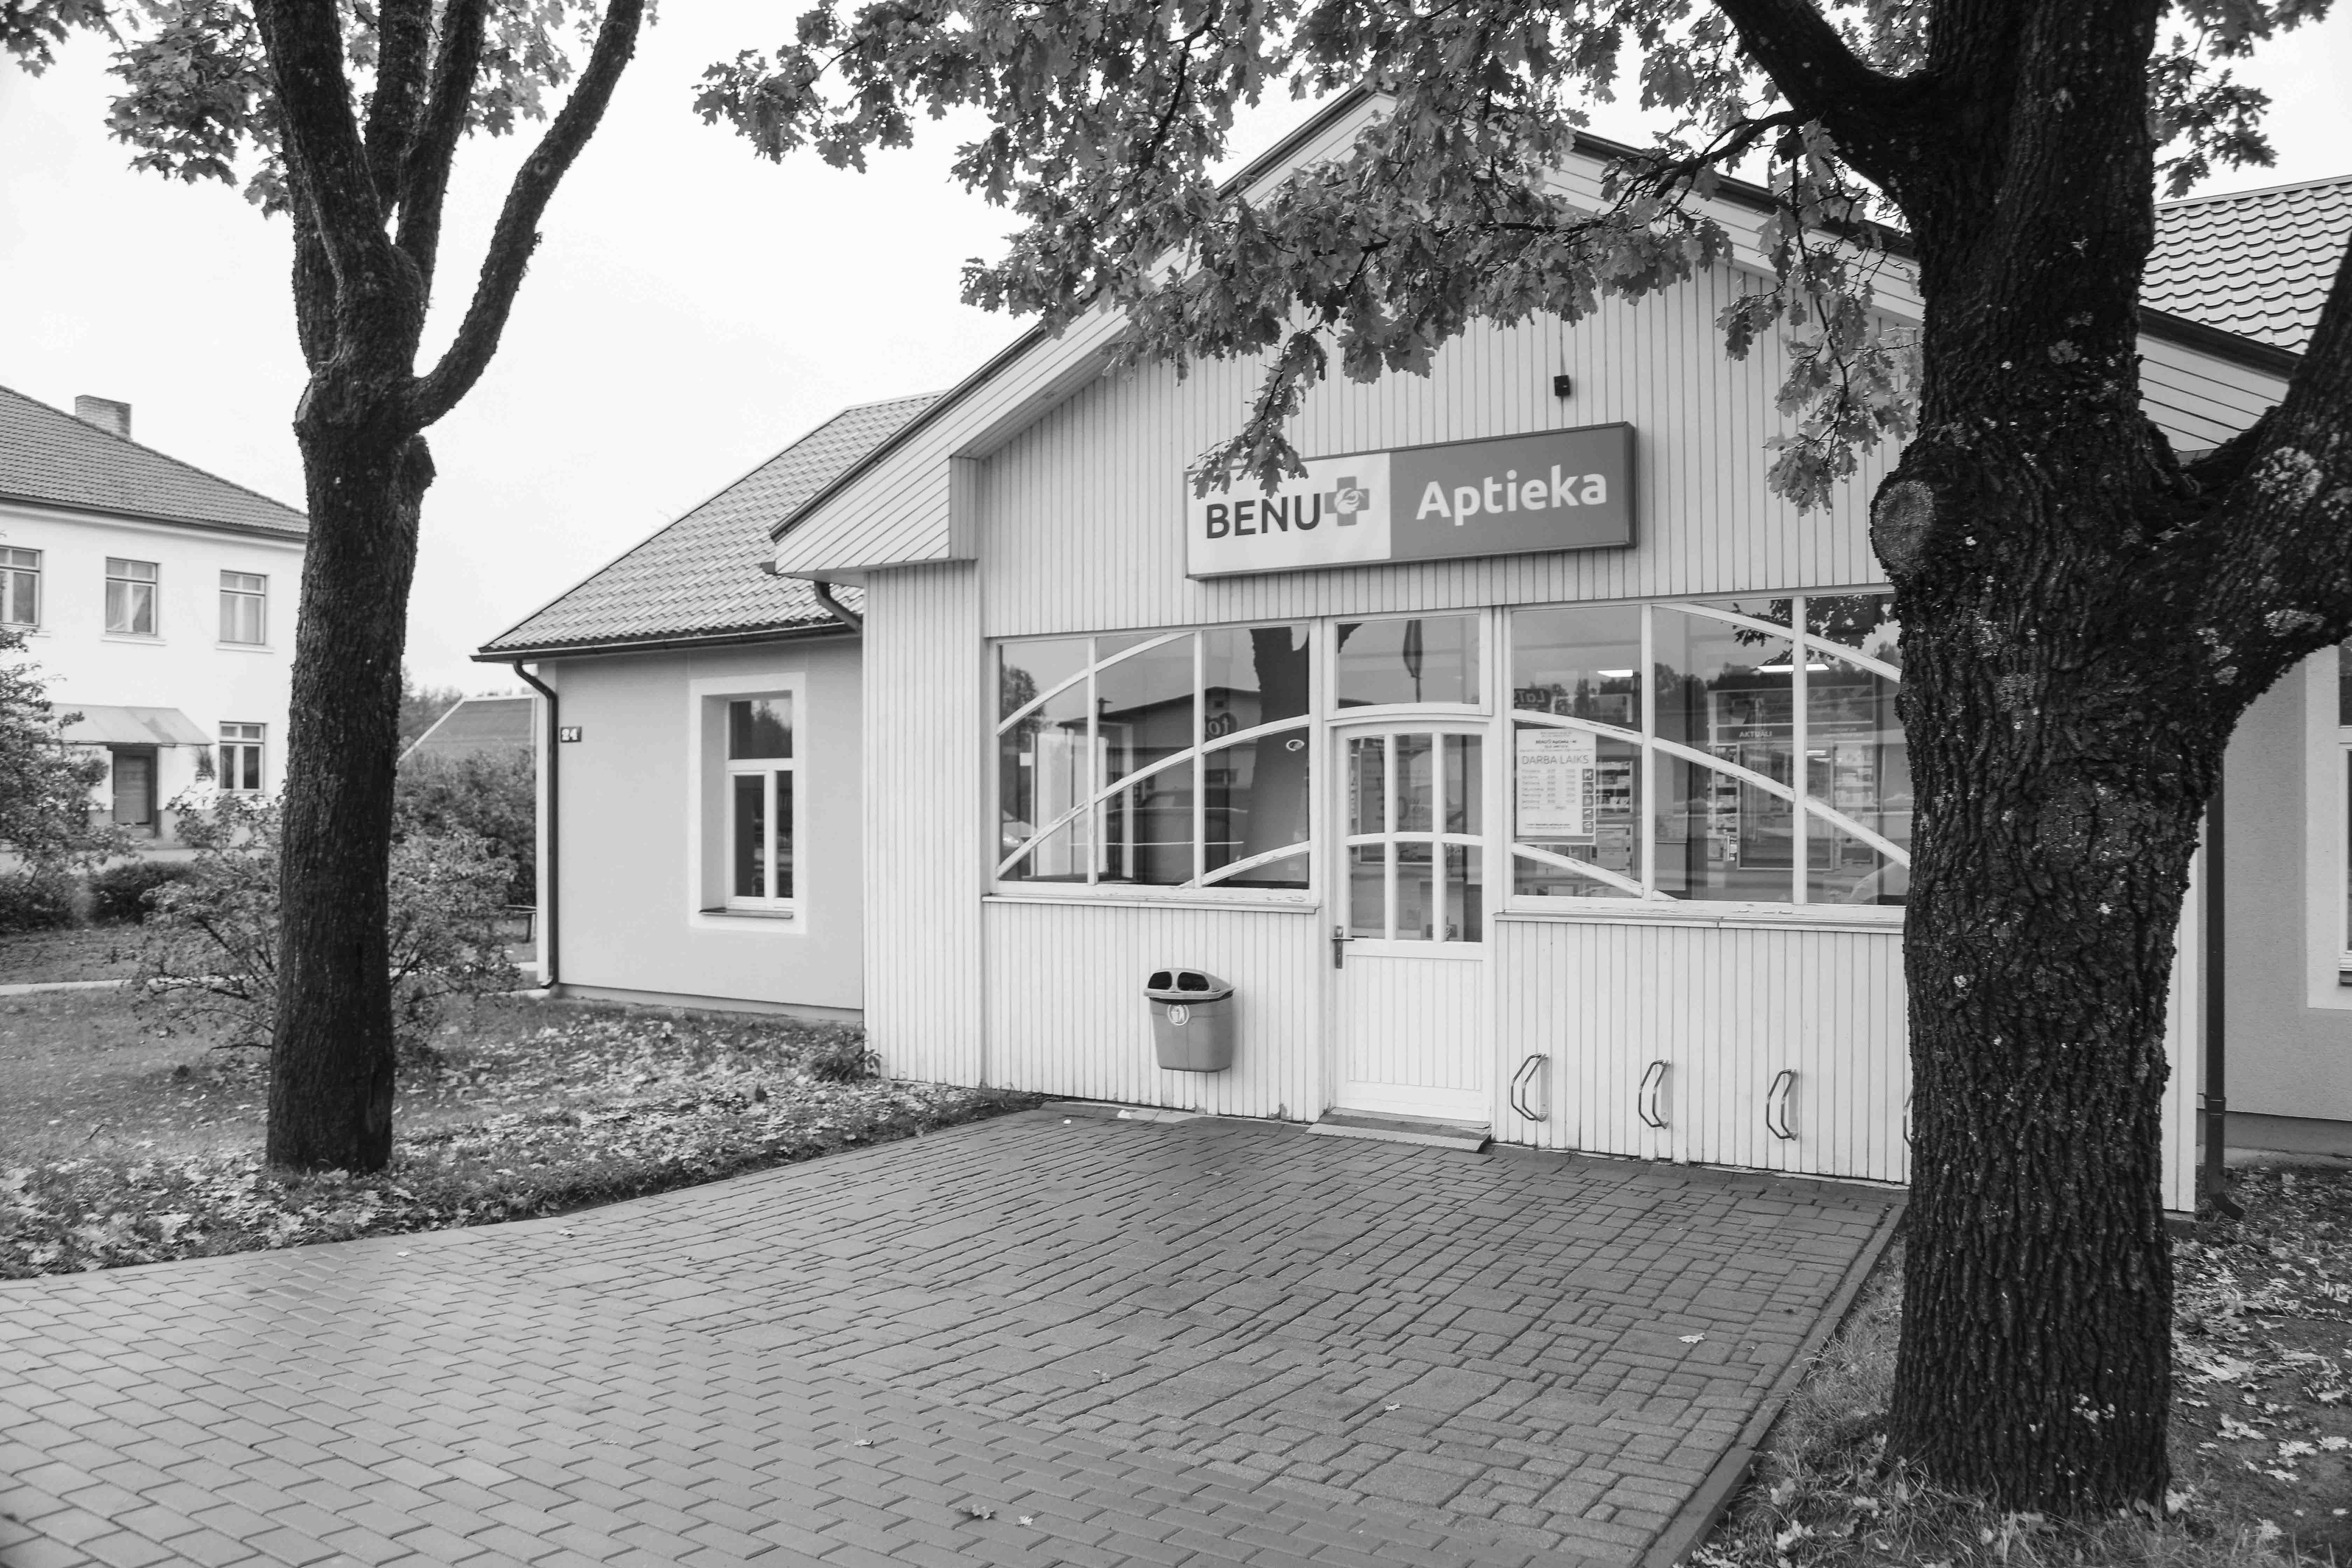 Ērgļu aptieka joprojām atrodas ēkā, kas savulaik celta tieši aptiekas vajadzībām